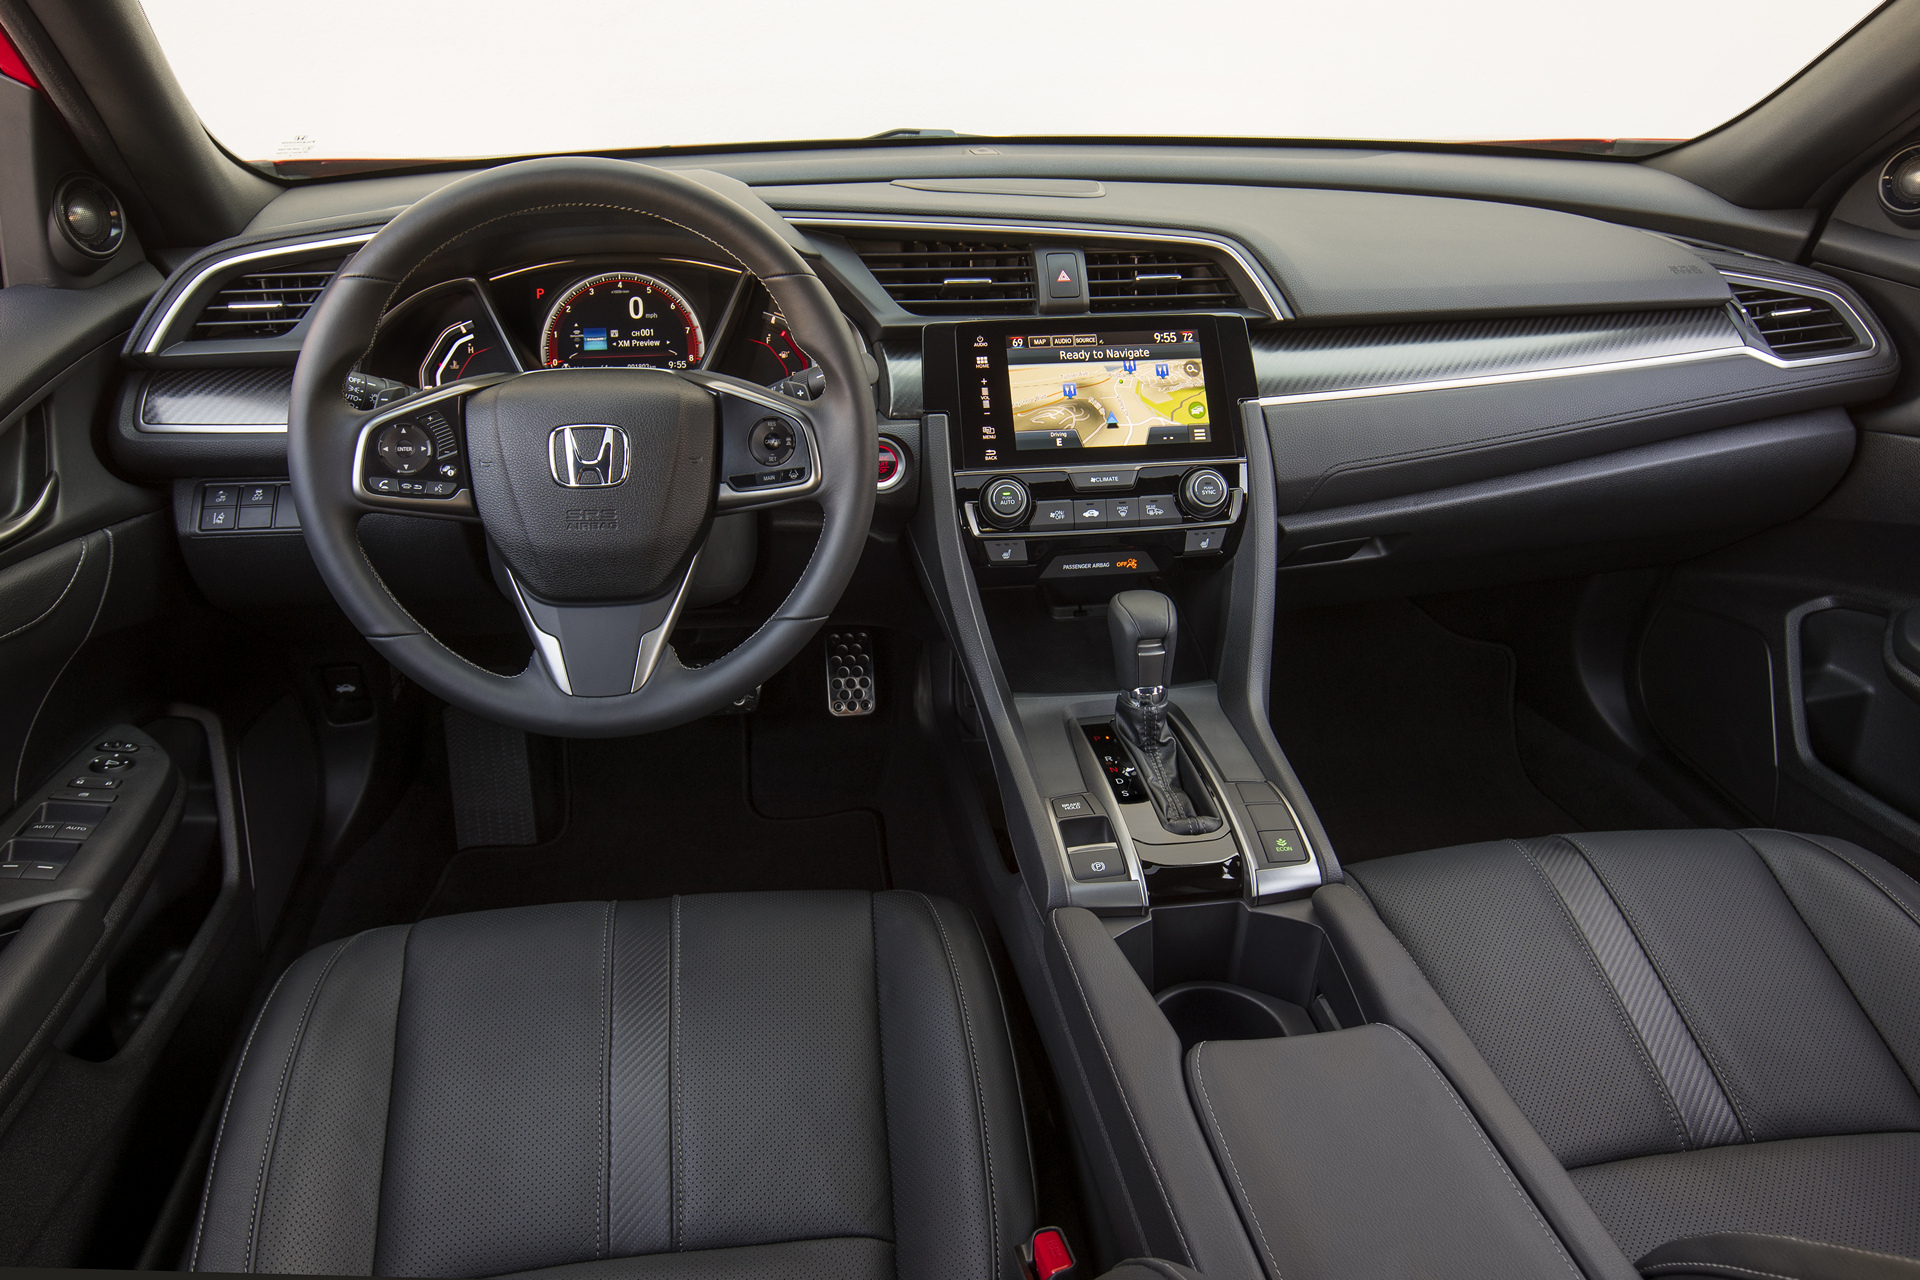 2017 Honda Civic Hatchback © Honda Motor Co., Ltd.